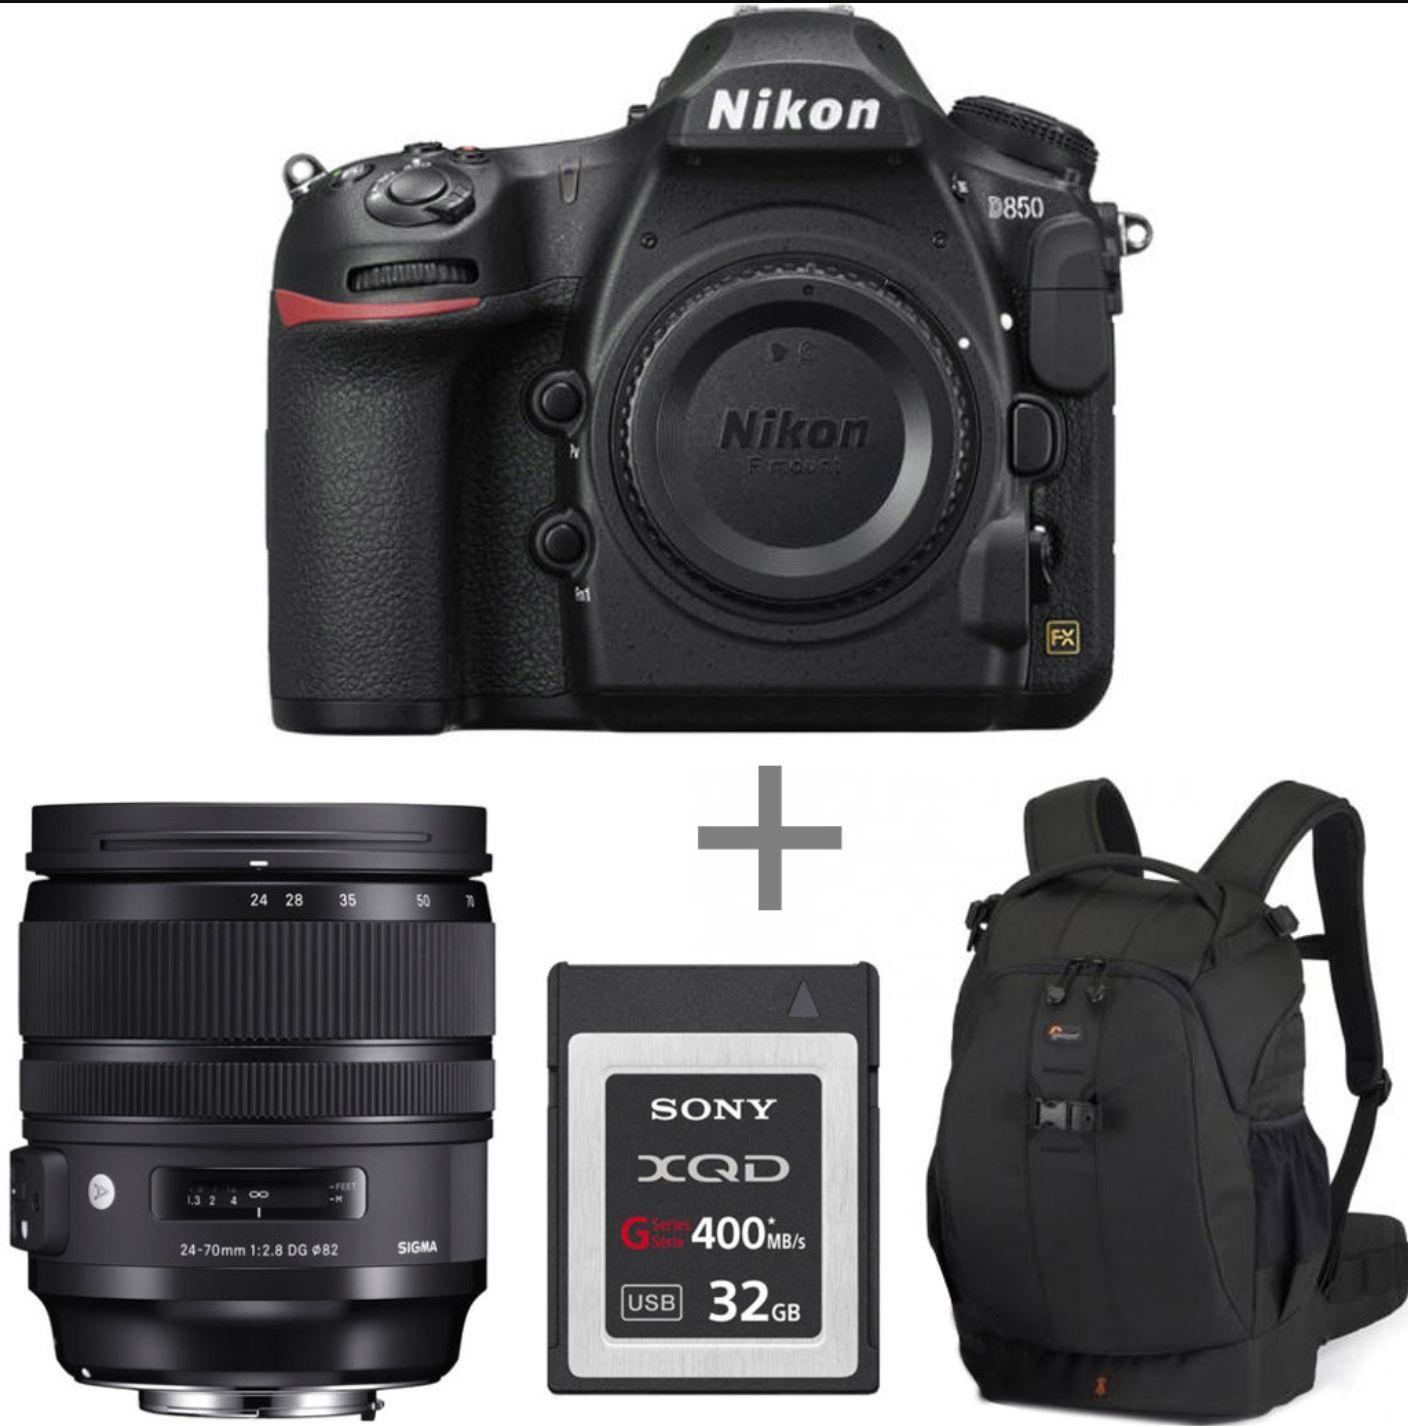 PAck Appareil photo reflex numérique Nikon D850 + objectif Sigma 24-70 mm F2.8 DG OS HSM Art + Carte Sony XQD 32 Go + sac à dos Lowepro Flipside 400 AW